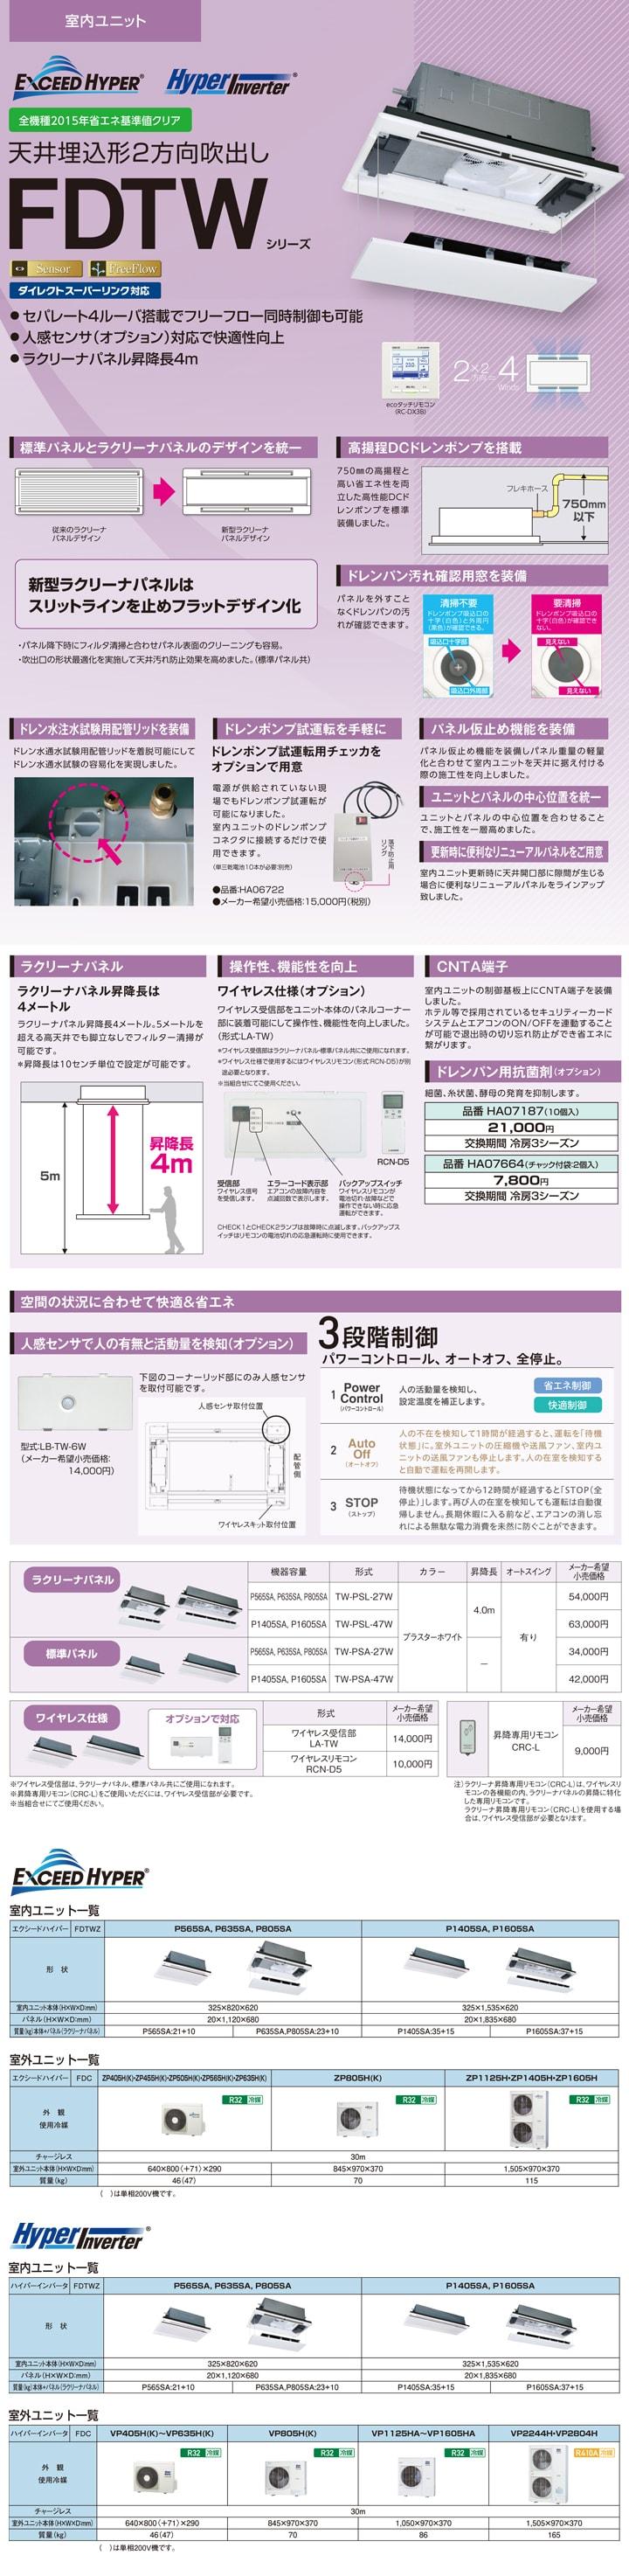 三菱重工 FDTWZ805HKP5SA-raku 業務用エアコン